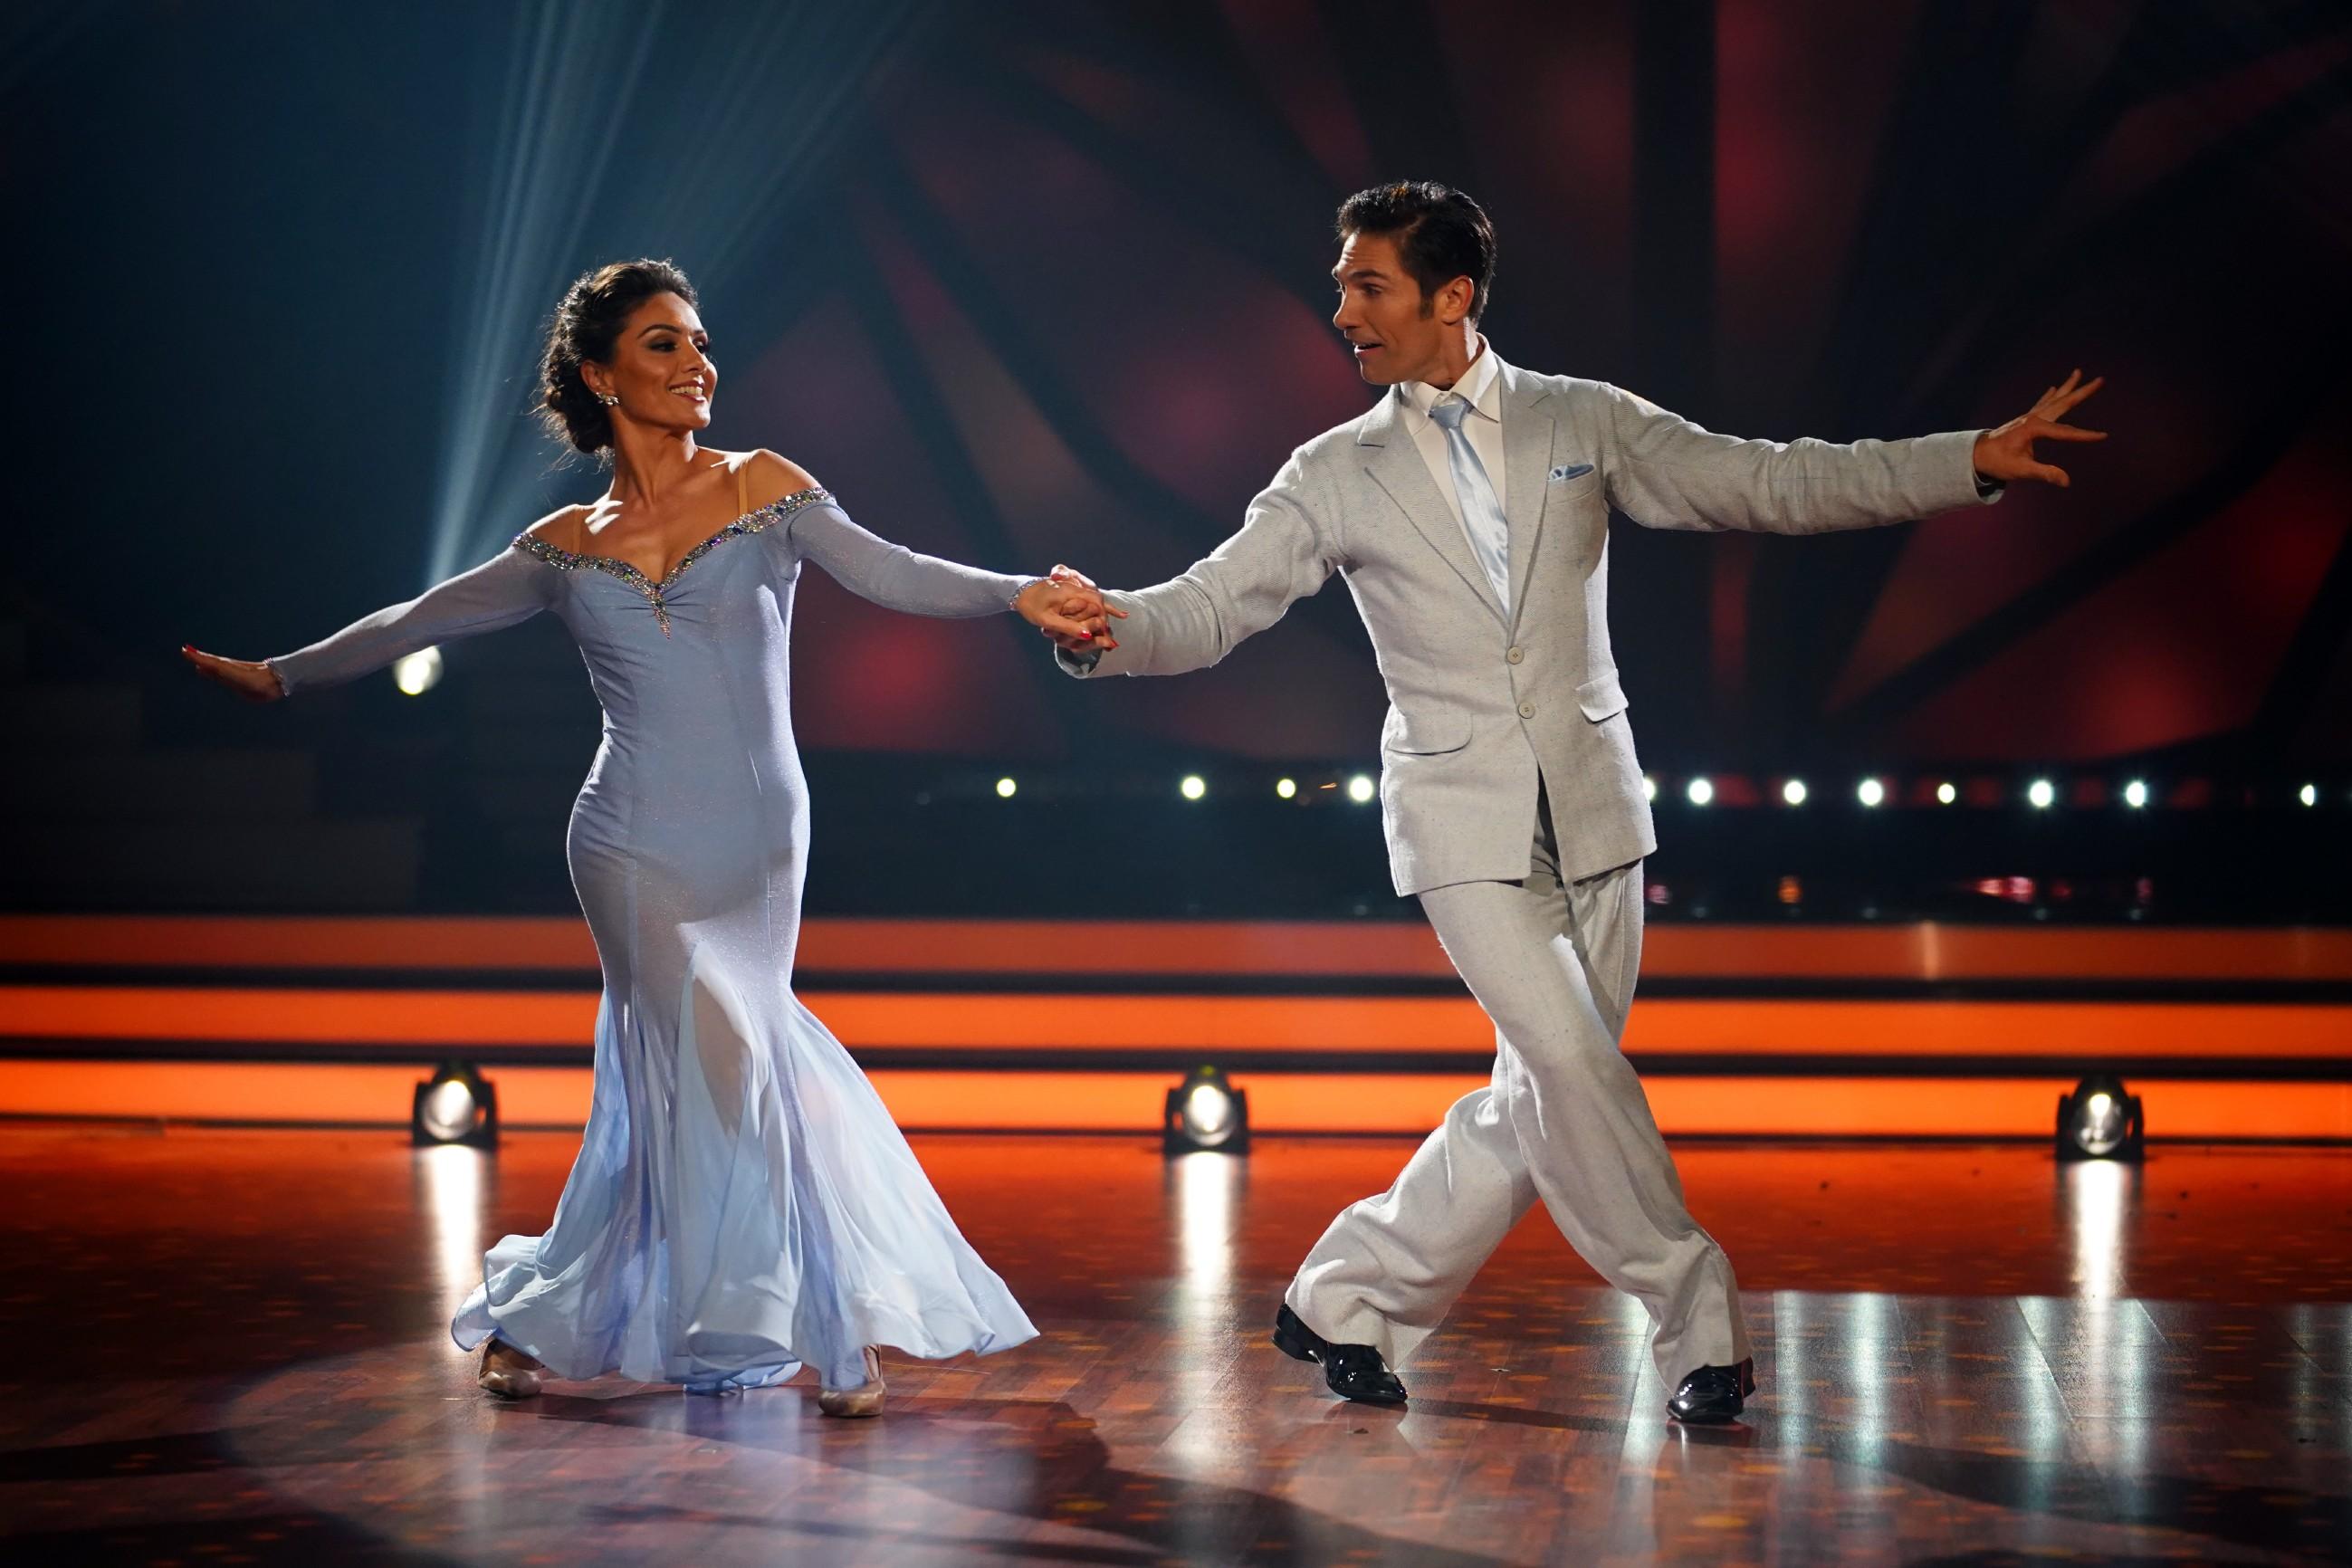 Nazan Eckes und Christian Polanc tanzen Slowfox